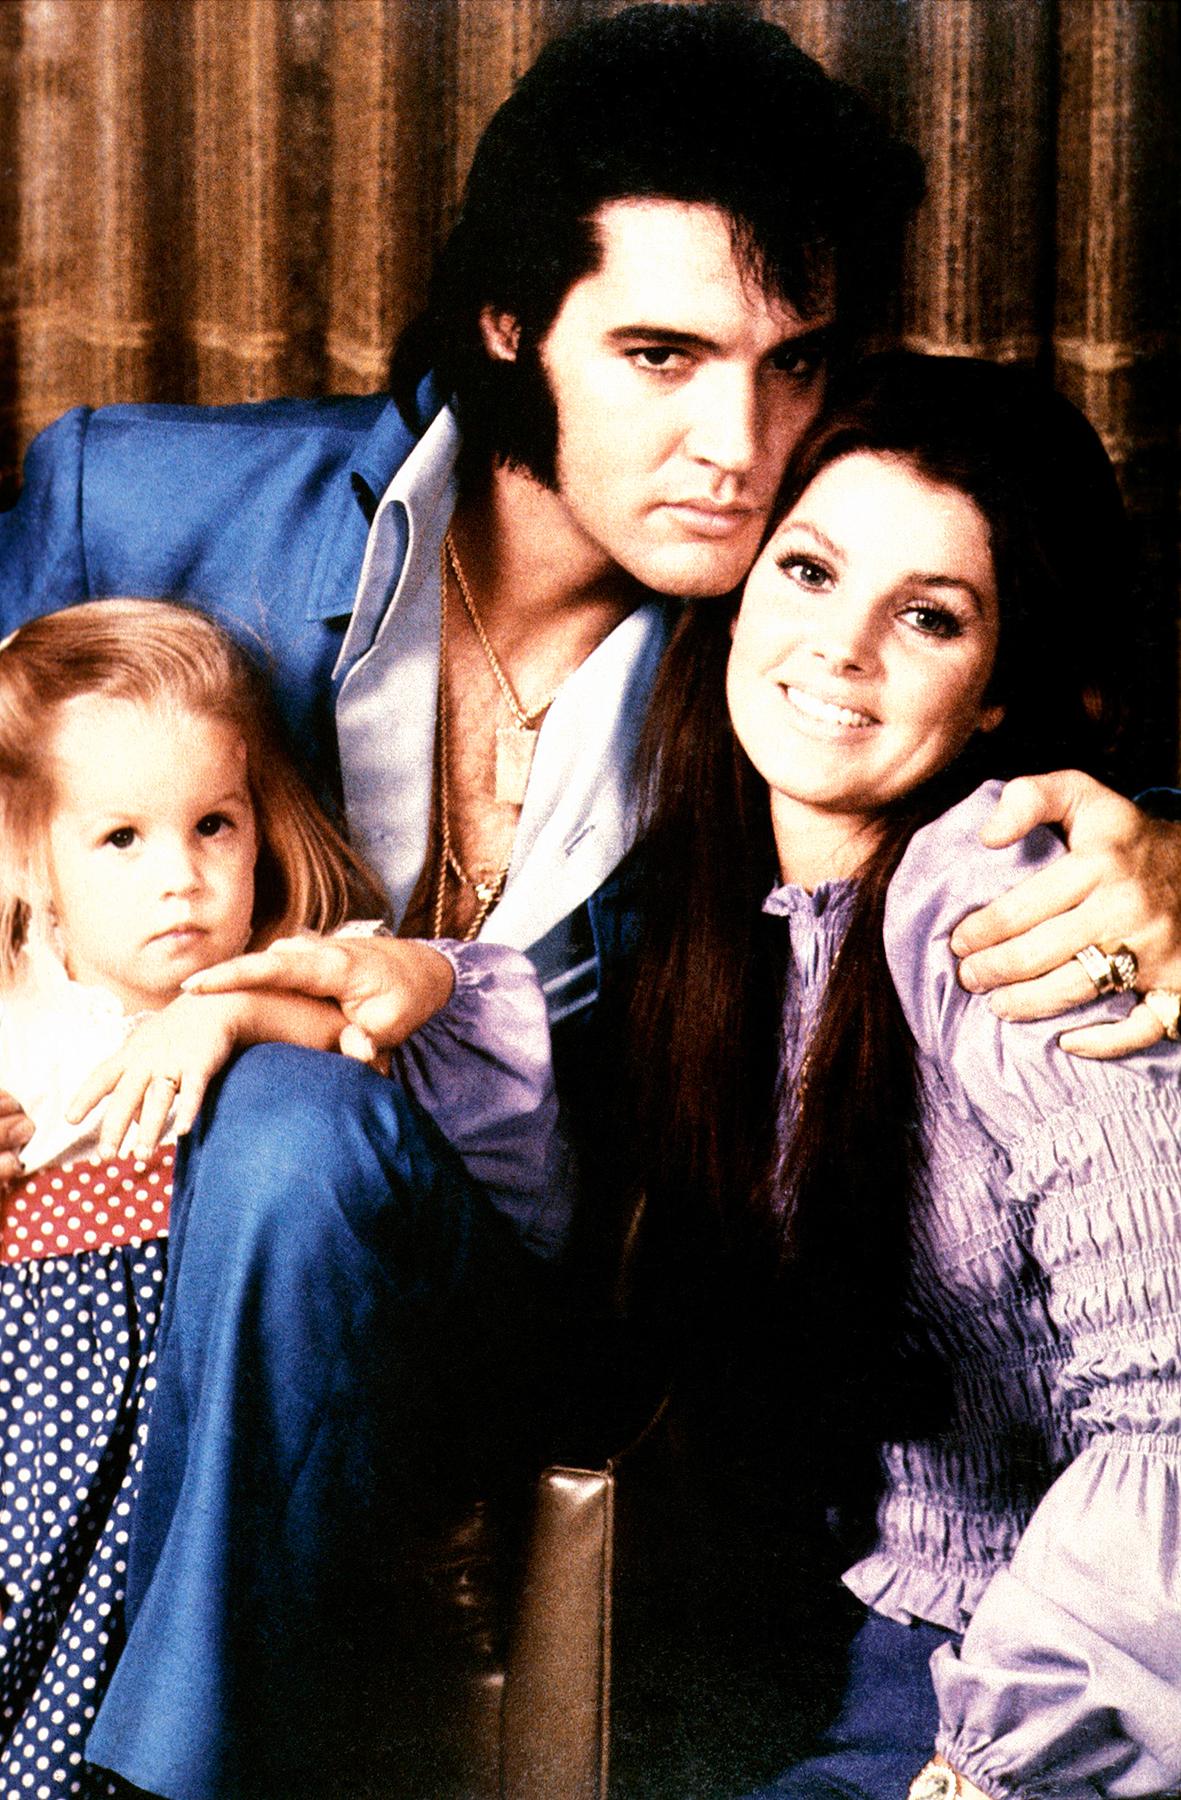 Lisa Marie Presley, Priscilla Presley and Elvis Presley c. 1970